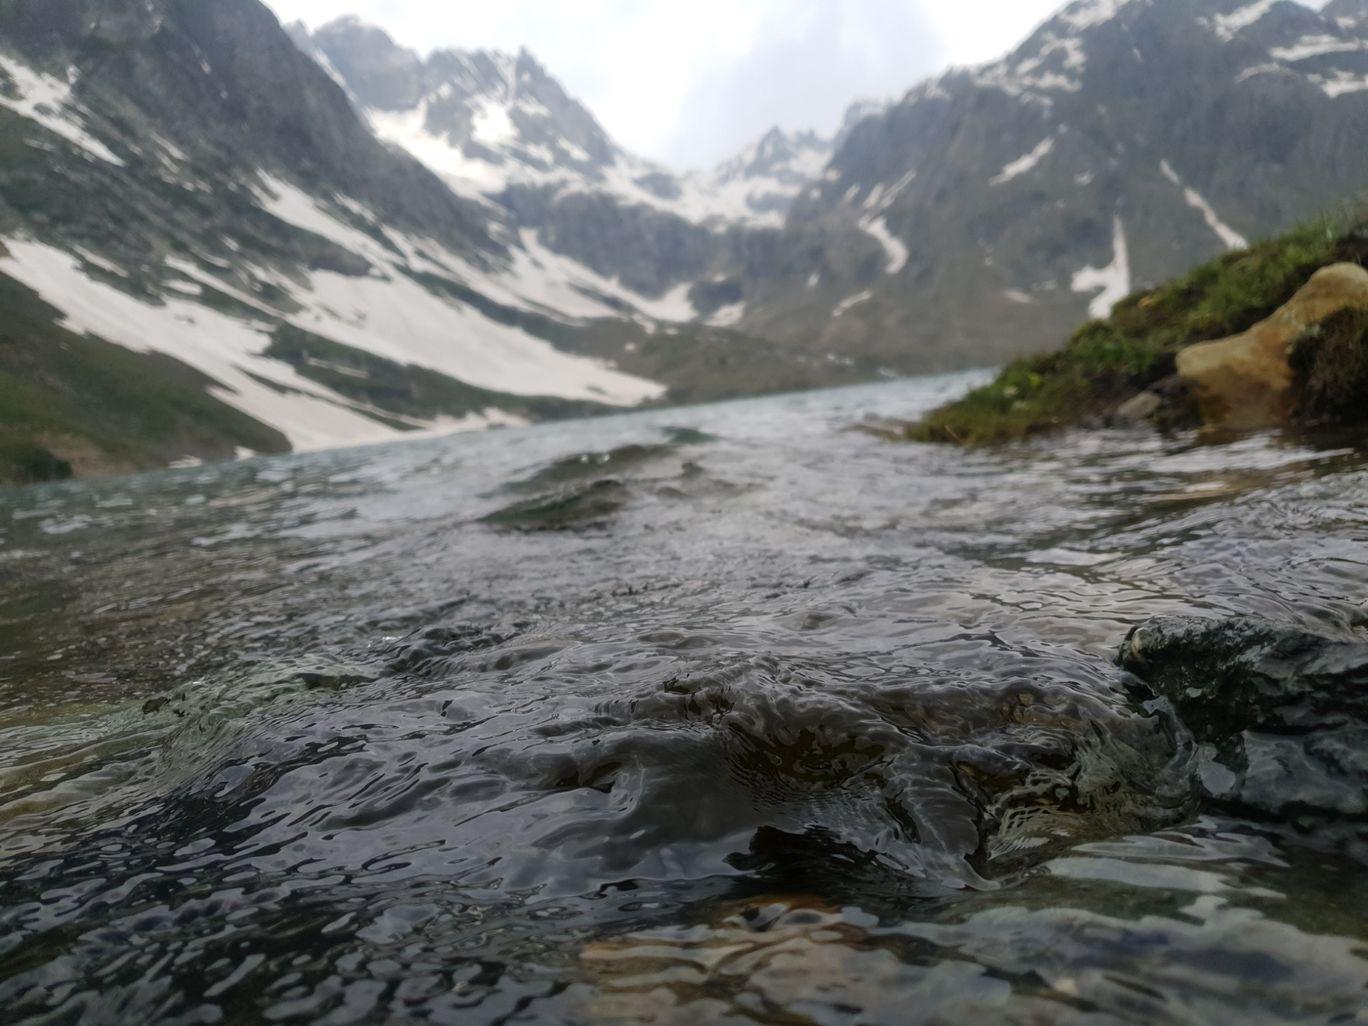 Photo of Vishansar Lake By Ritesh Rawat